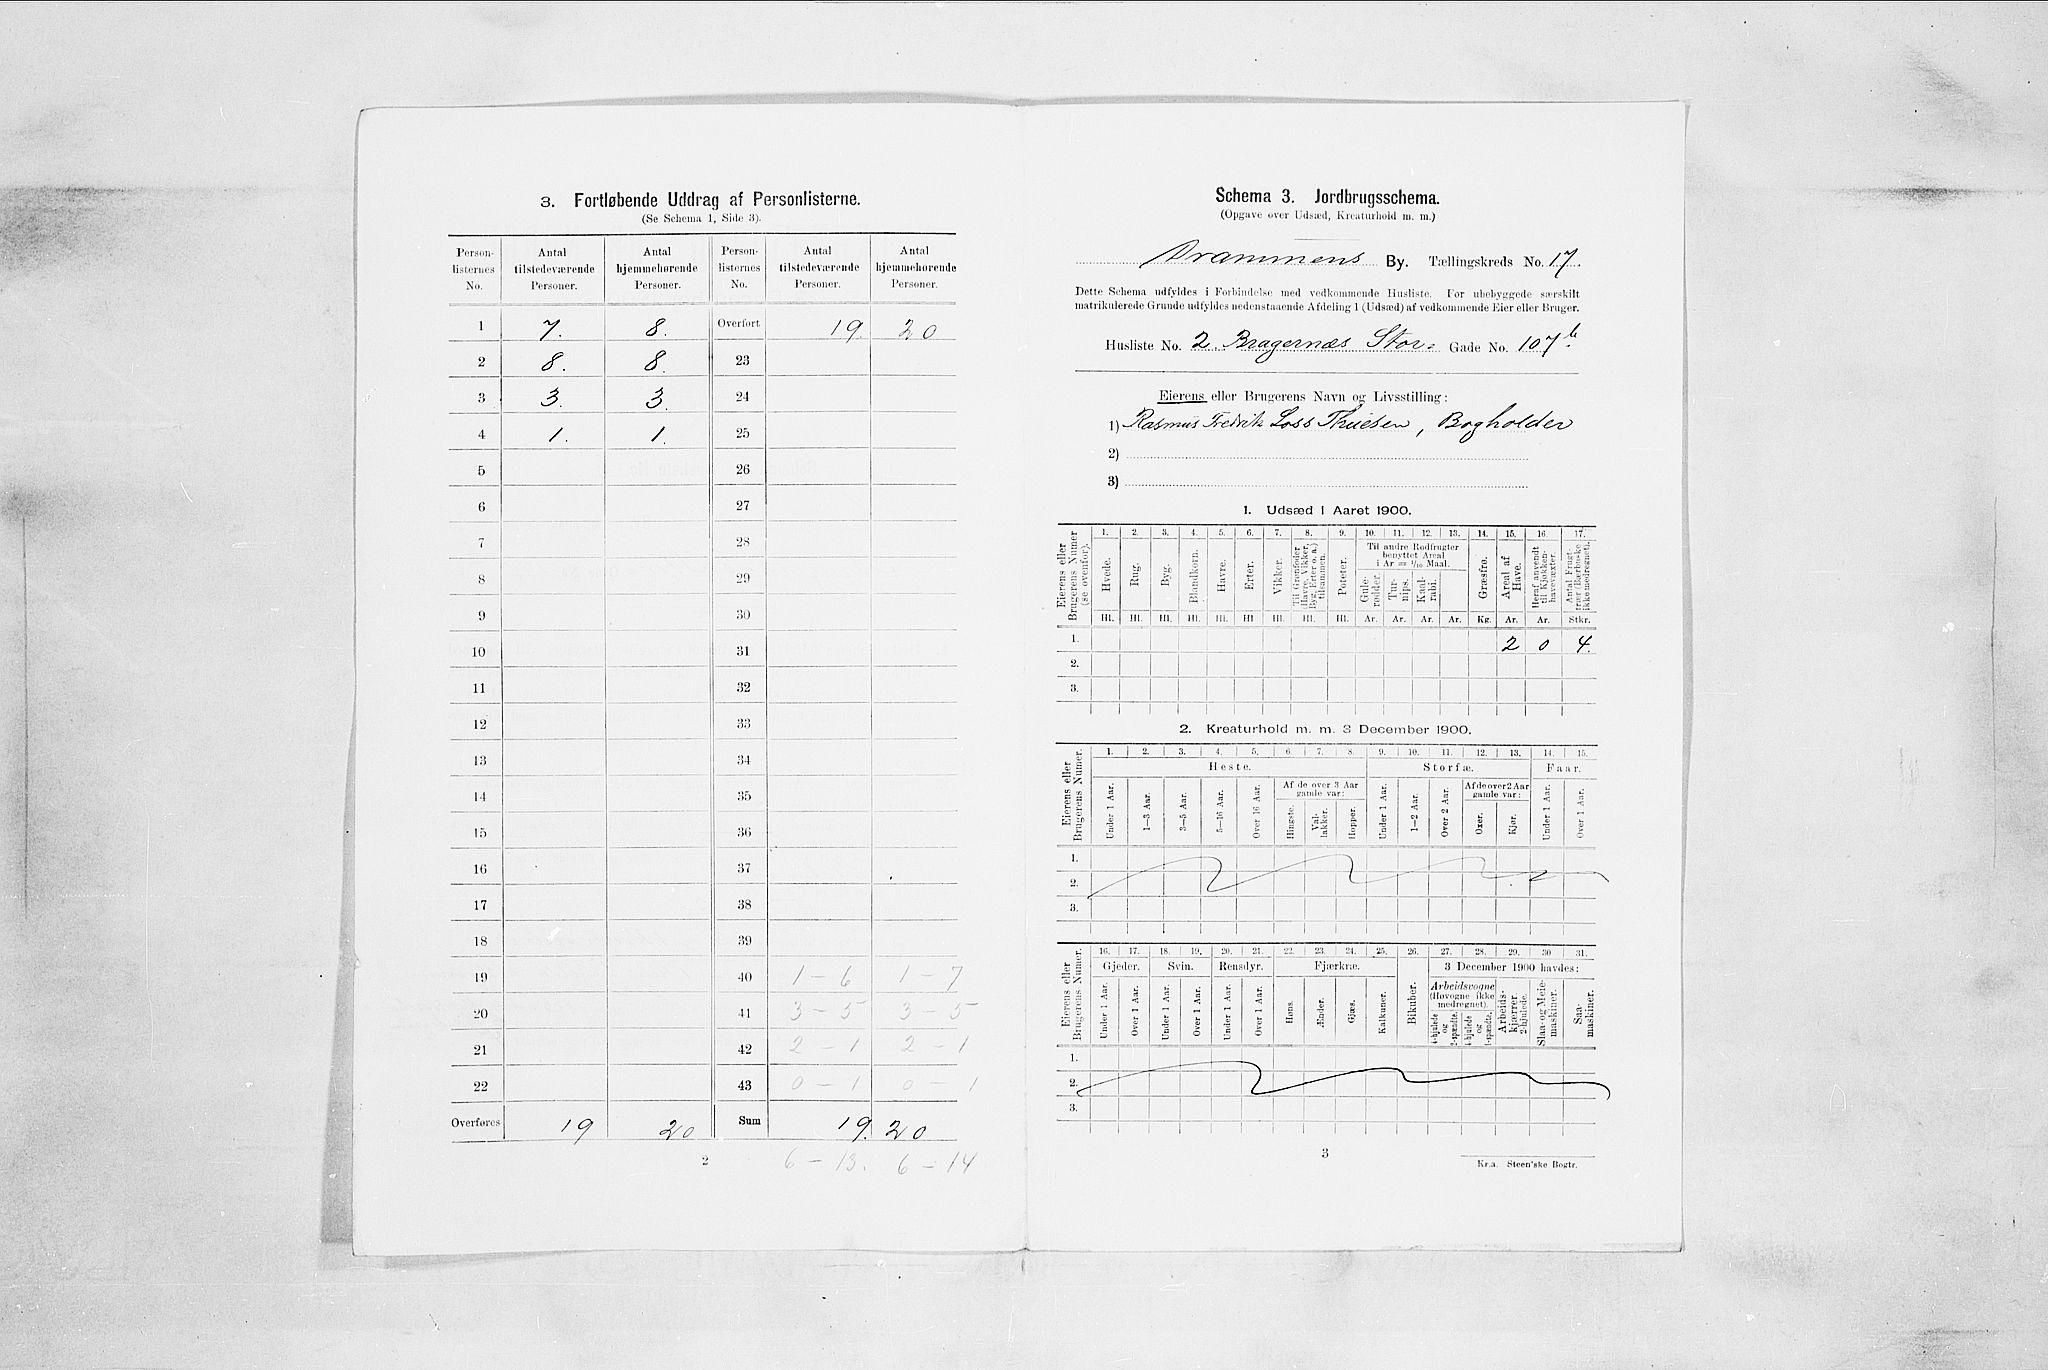 RA, Folketelling 1900 for 0602 Drammen kjøpstad, 1900, s. 3100